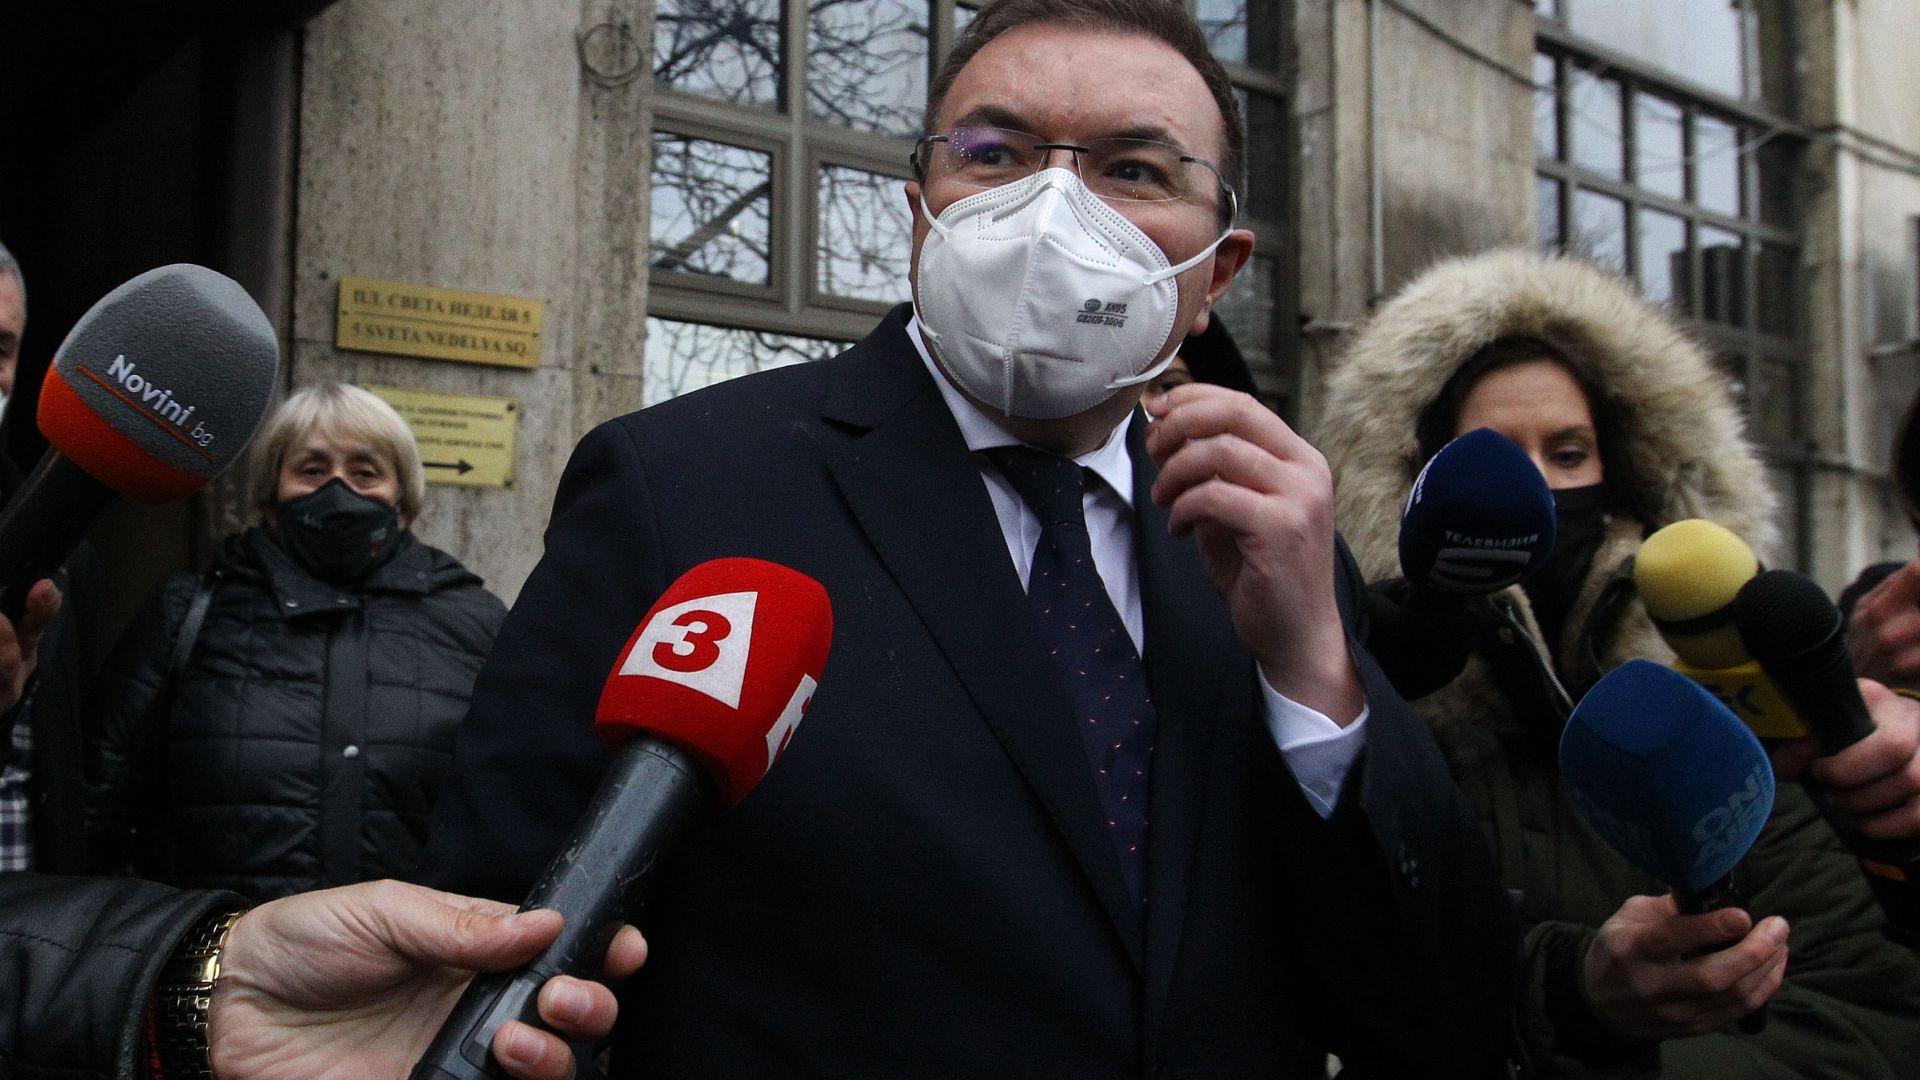 Здравният министър: Много е рано да говорим за отваряне на всичко от 21 декември